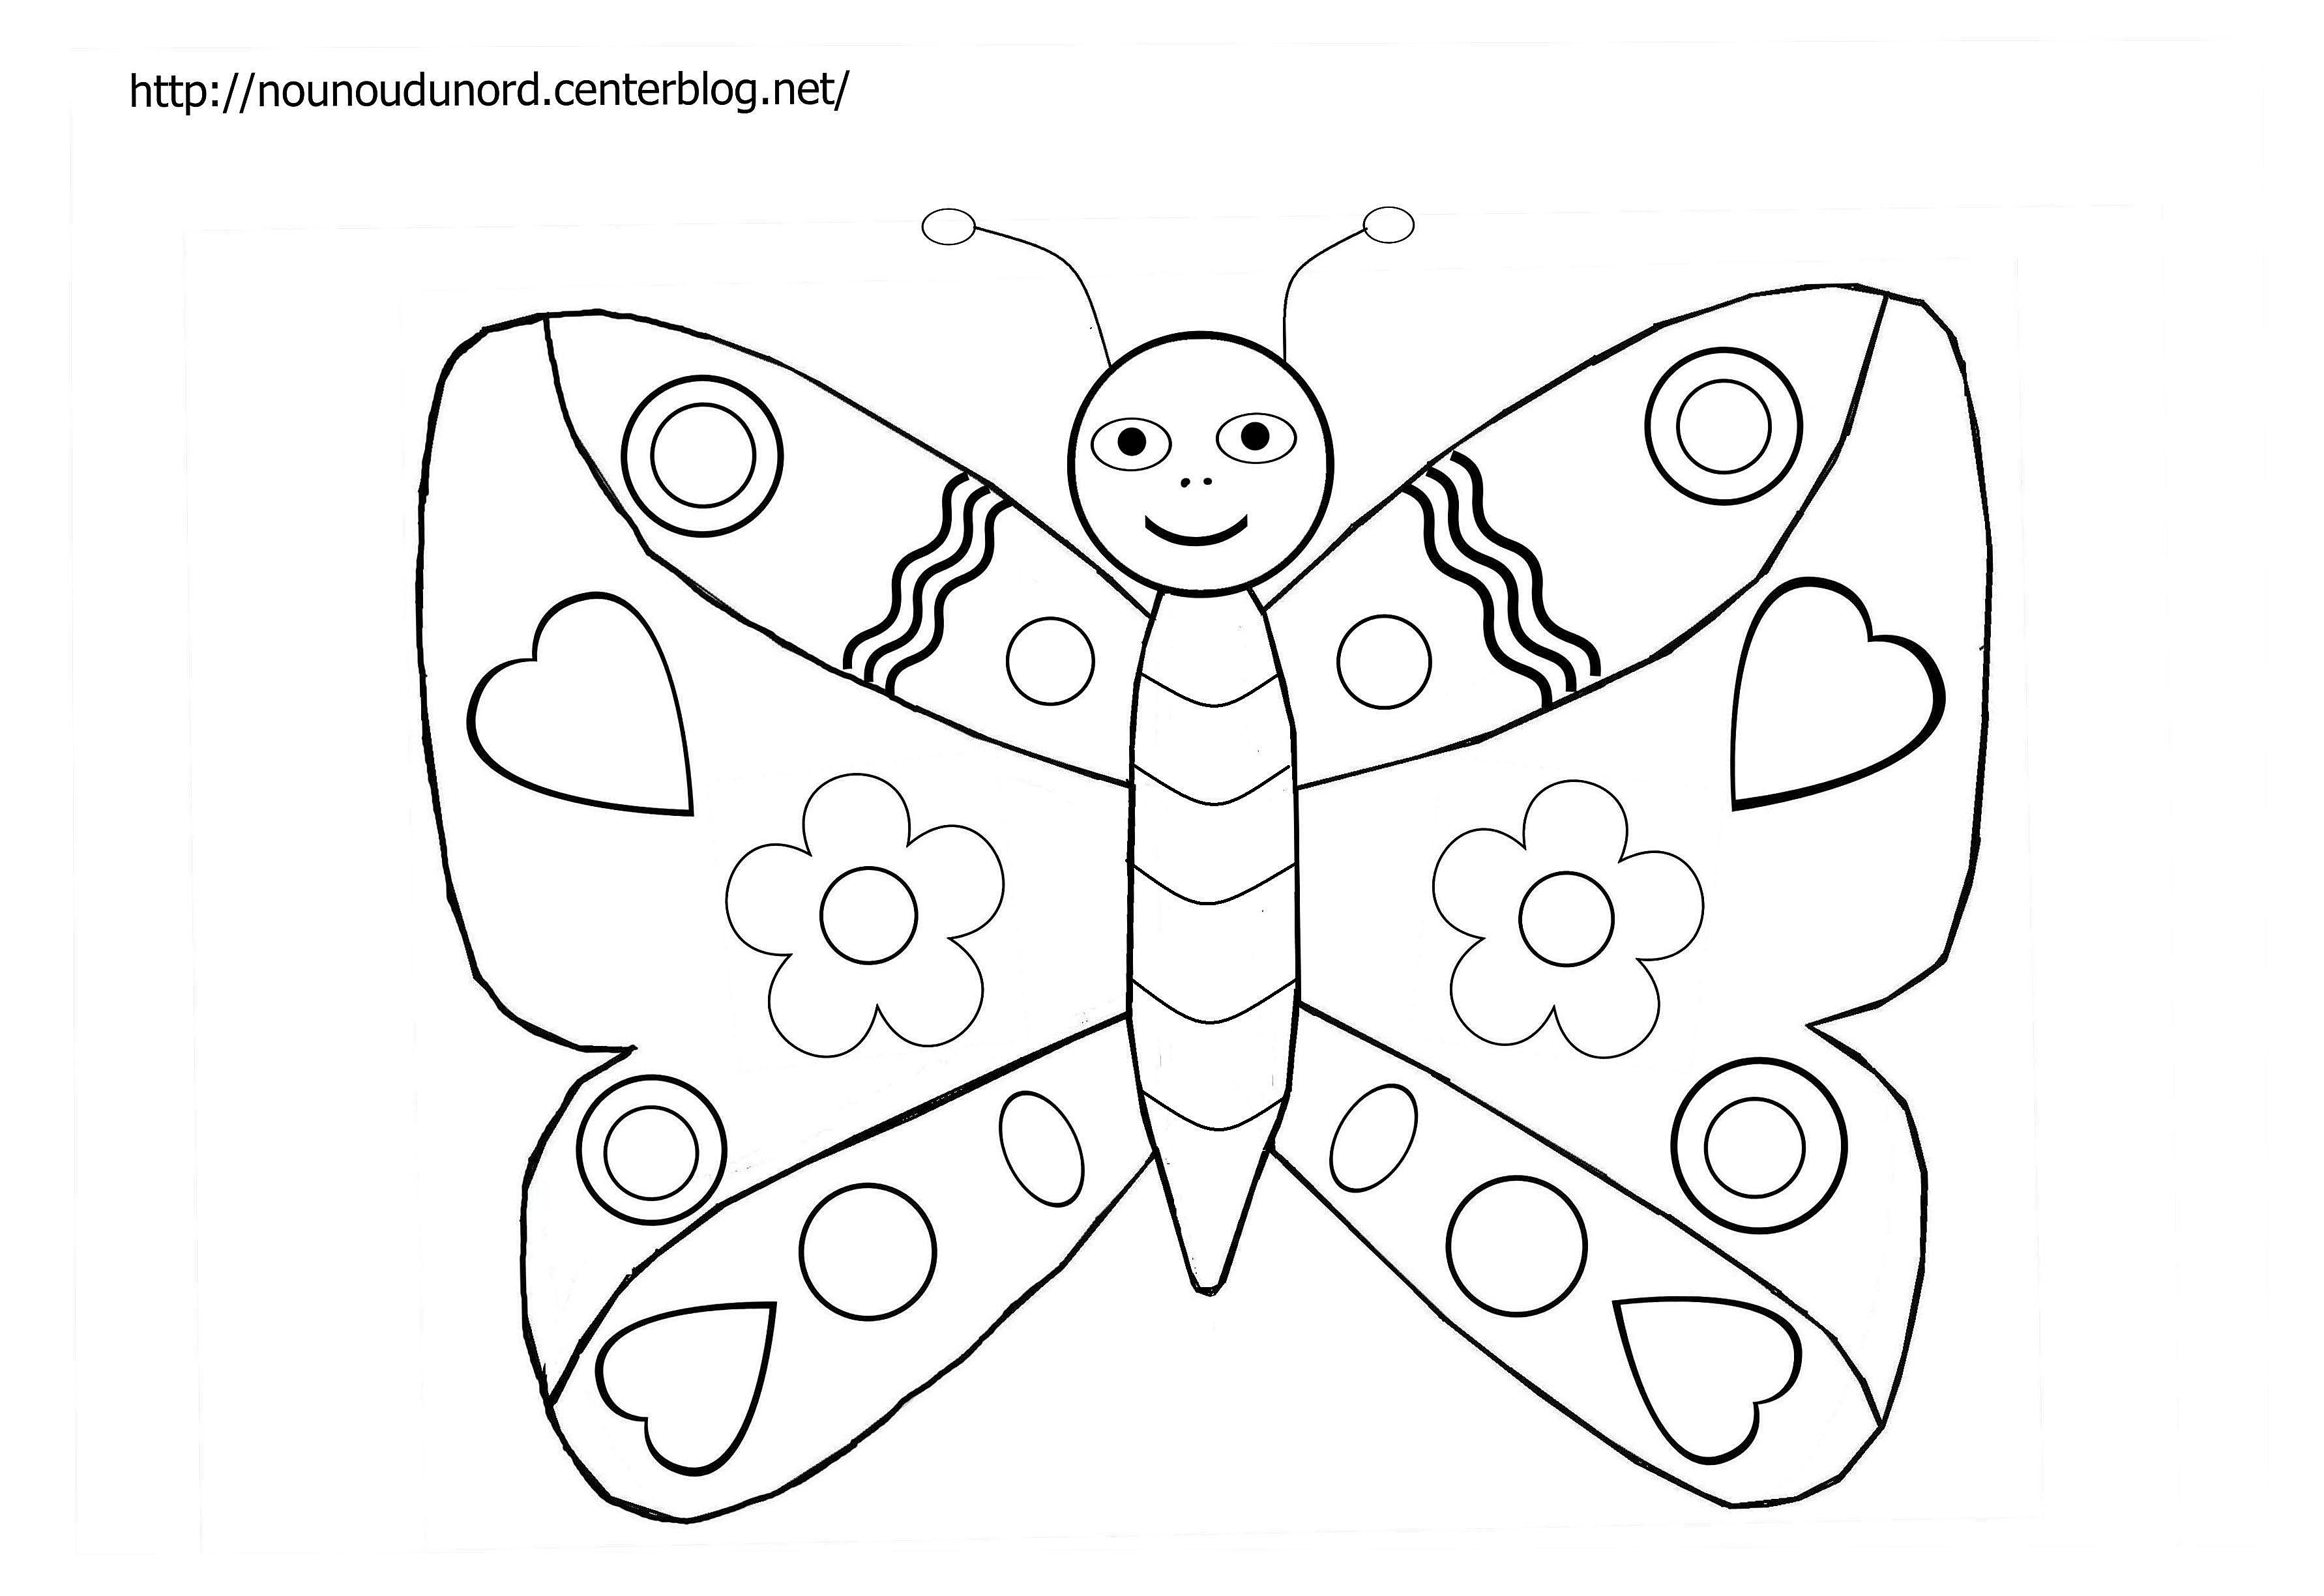 98 dessins de coloriage animaux de la ferme imprimer gratuit imprimer - Coloriage de chiot a imprimer ...